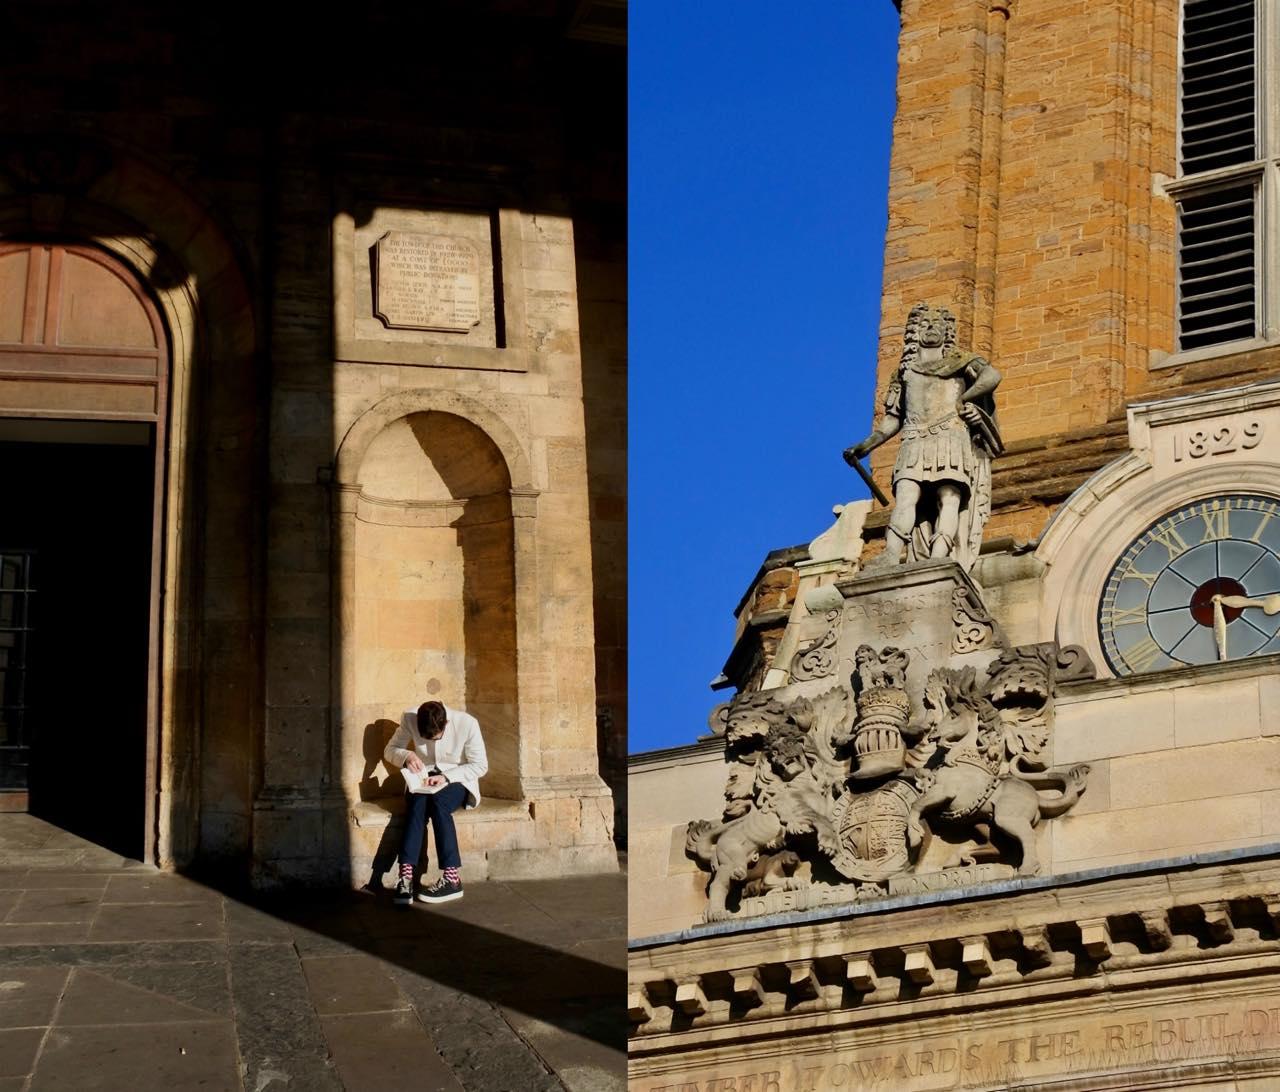 再建にあたってチャールズ2世が所領から木材を提供したため、彼の像が飾られているのです〜。コッツウォルズのライムストーンよりも、もっと濃い色が特徴というノーザンプトンシャー特産の石で作られた建物は、なかなか壮麗です。